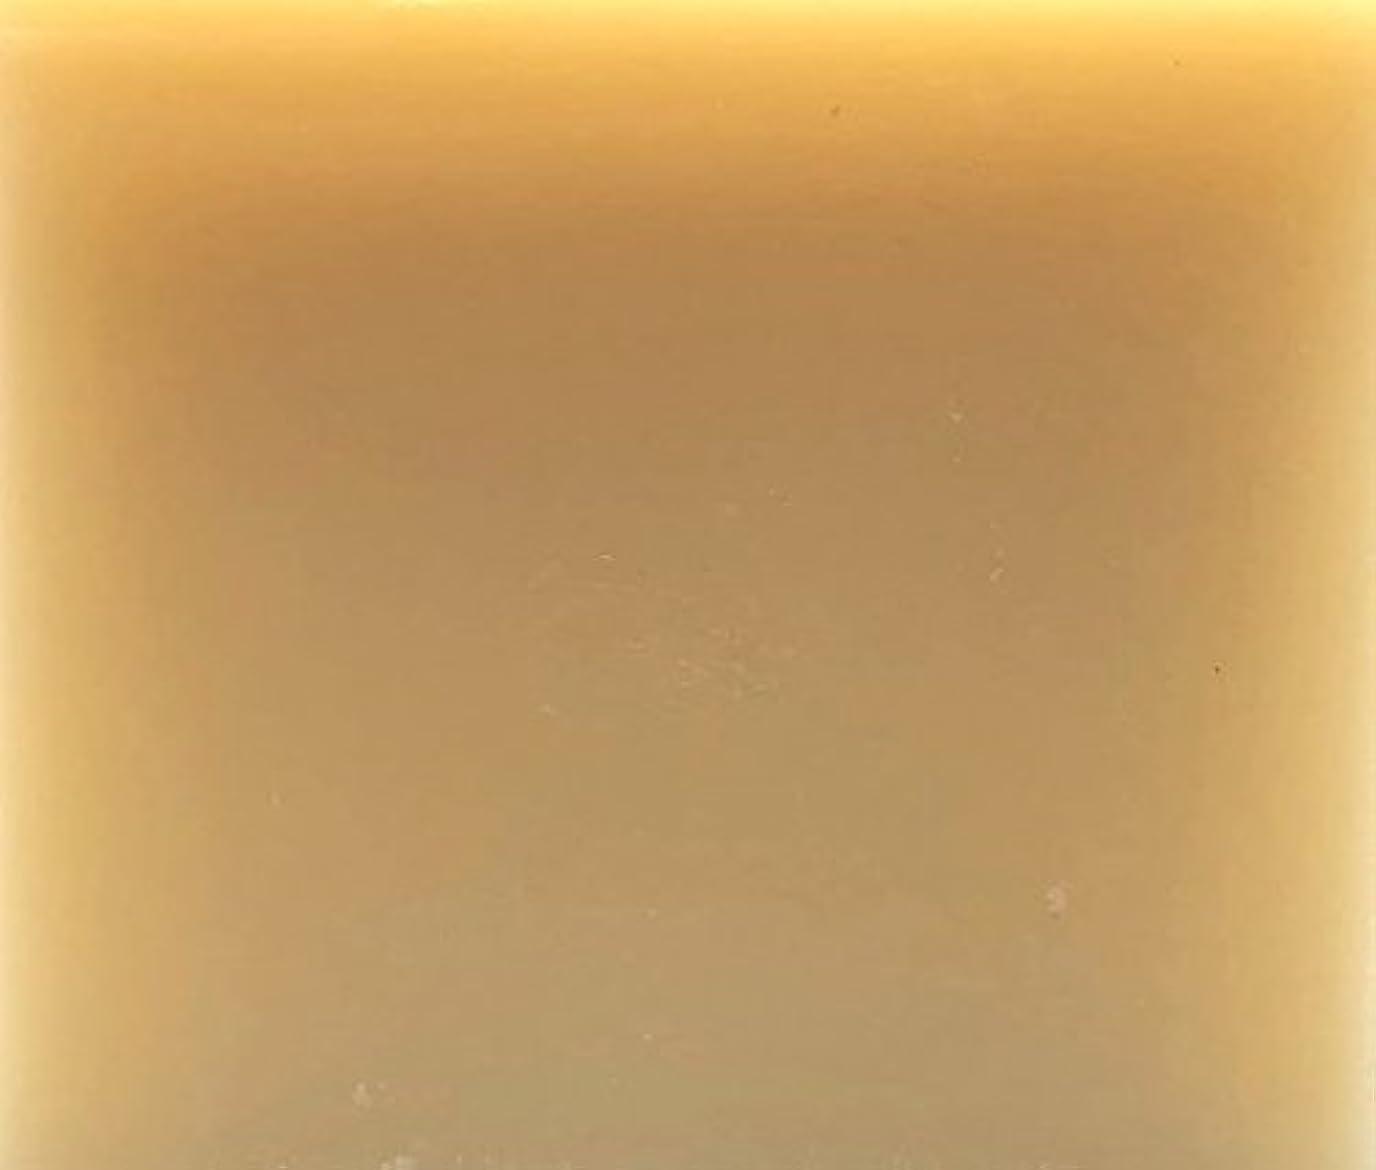 謎絶望消毒剤篠山石鹸 ひのき 90g 自家製精油でコールドプロセス製法で作った手作り石けん